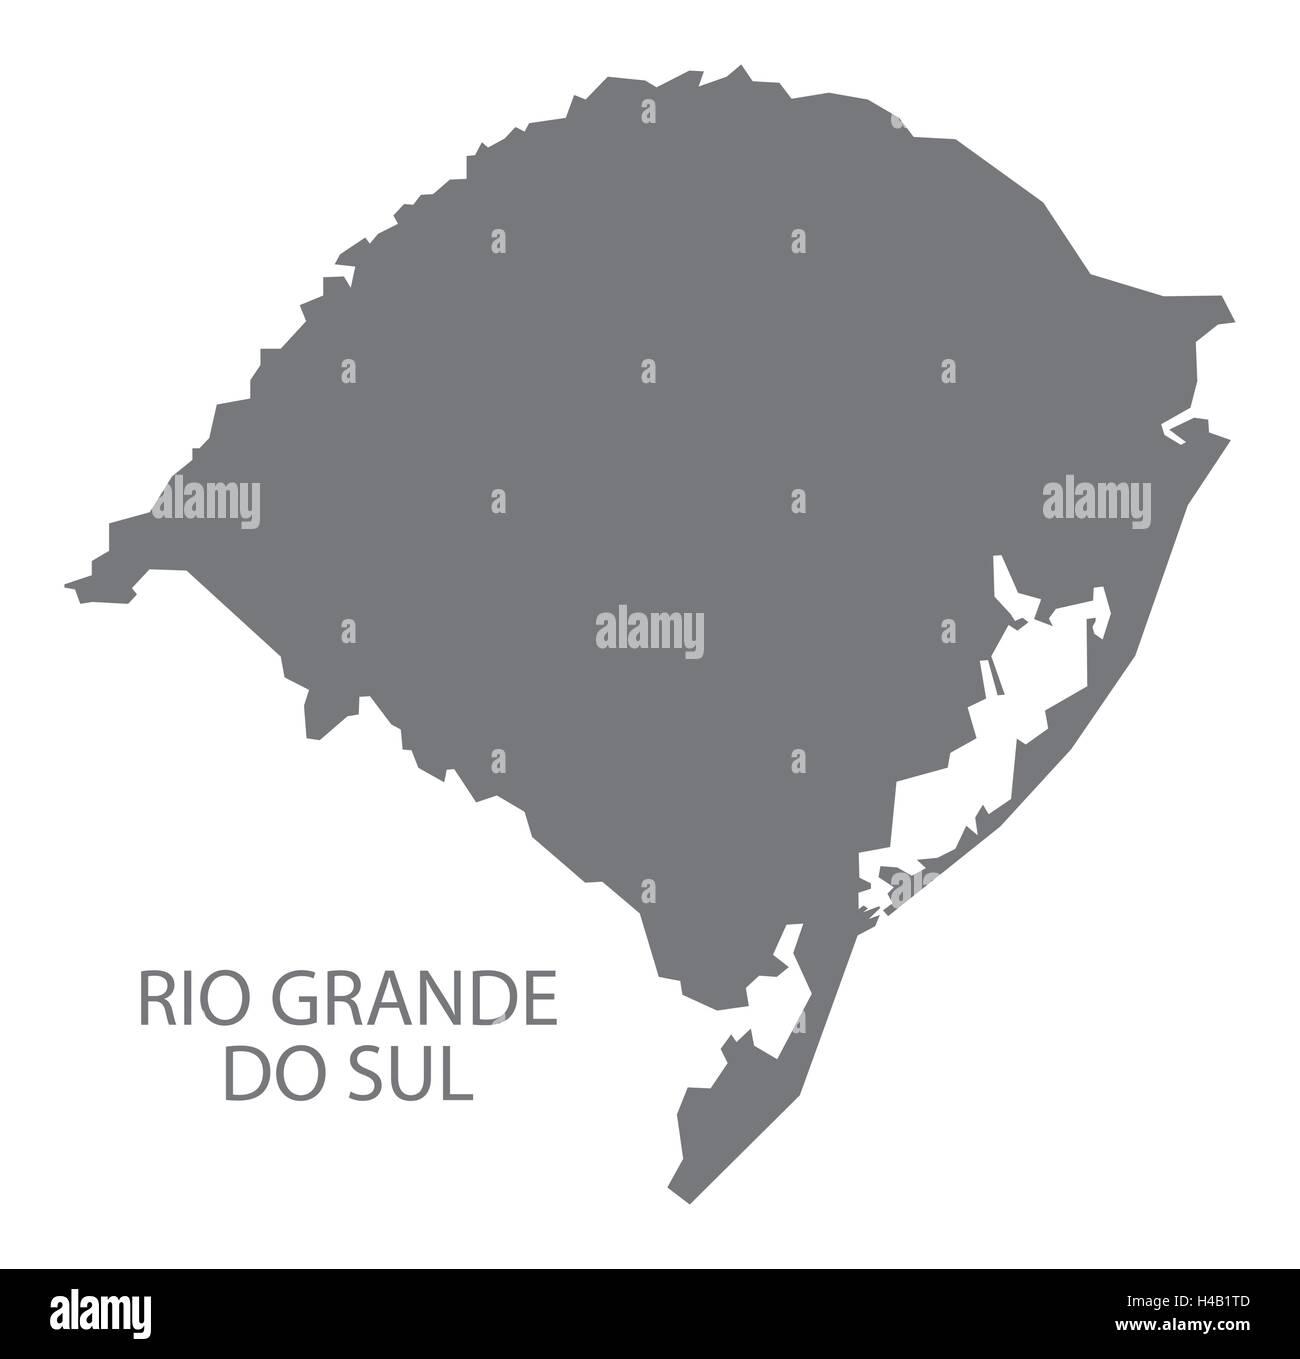 Rio Grande do sul Brazil map in grey. Stock Vector